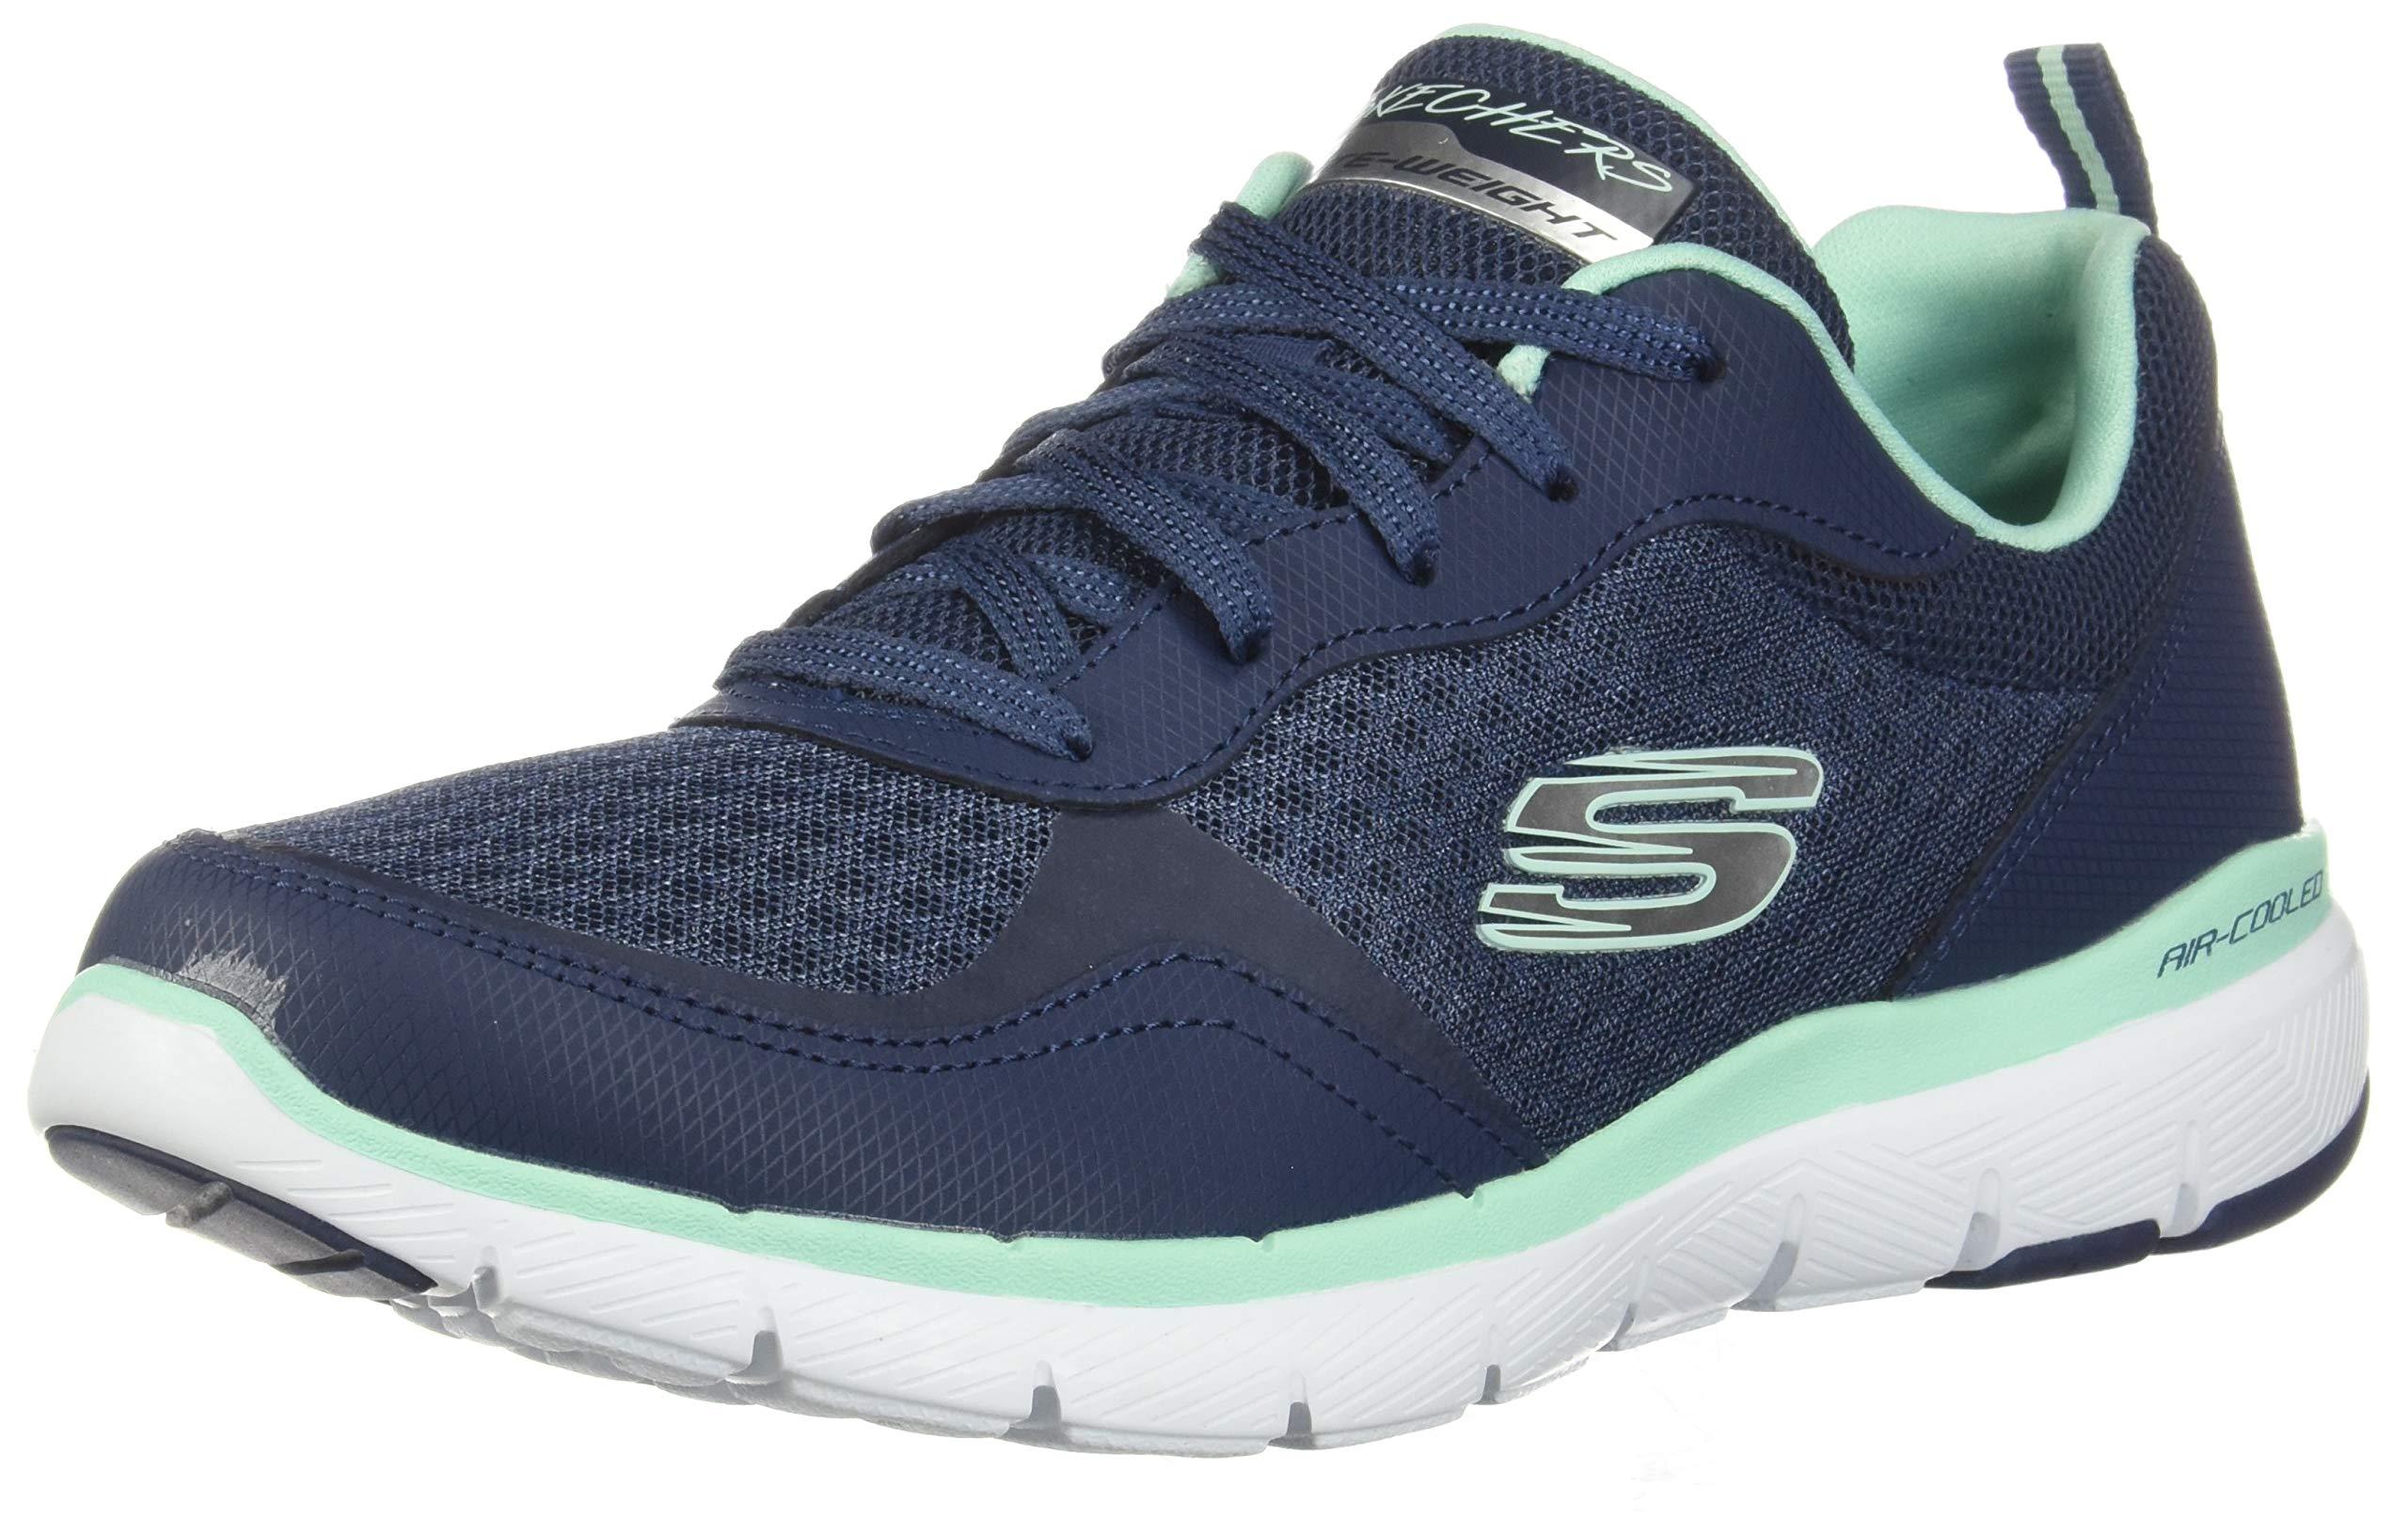 Skechers Women's Flex Appeal 3.0-go Forward Sneaker, NVAQ, 8.5 M US